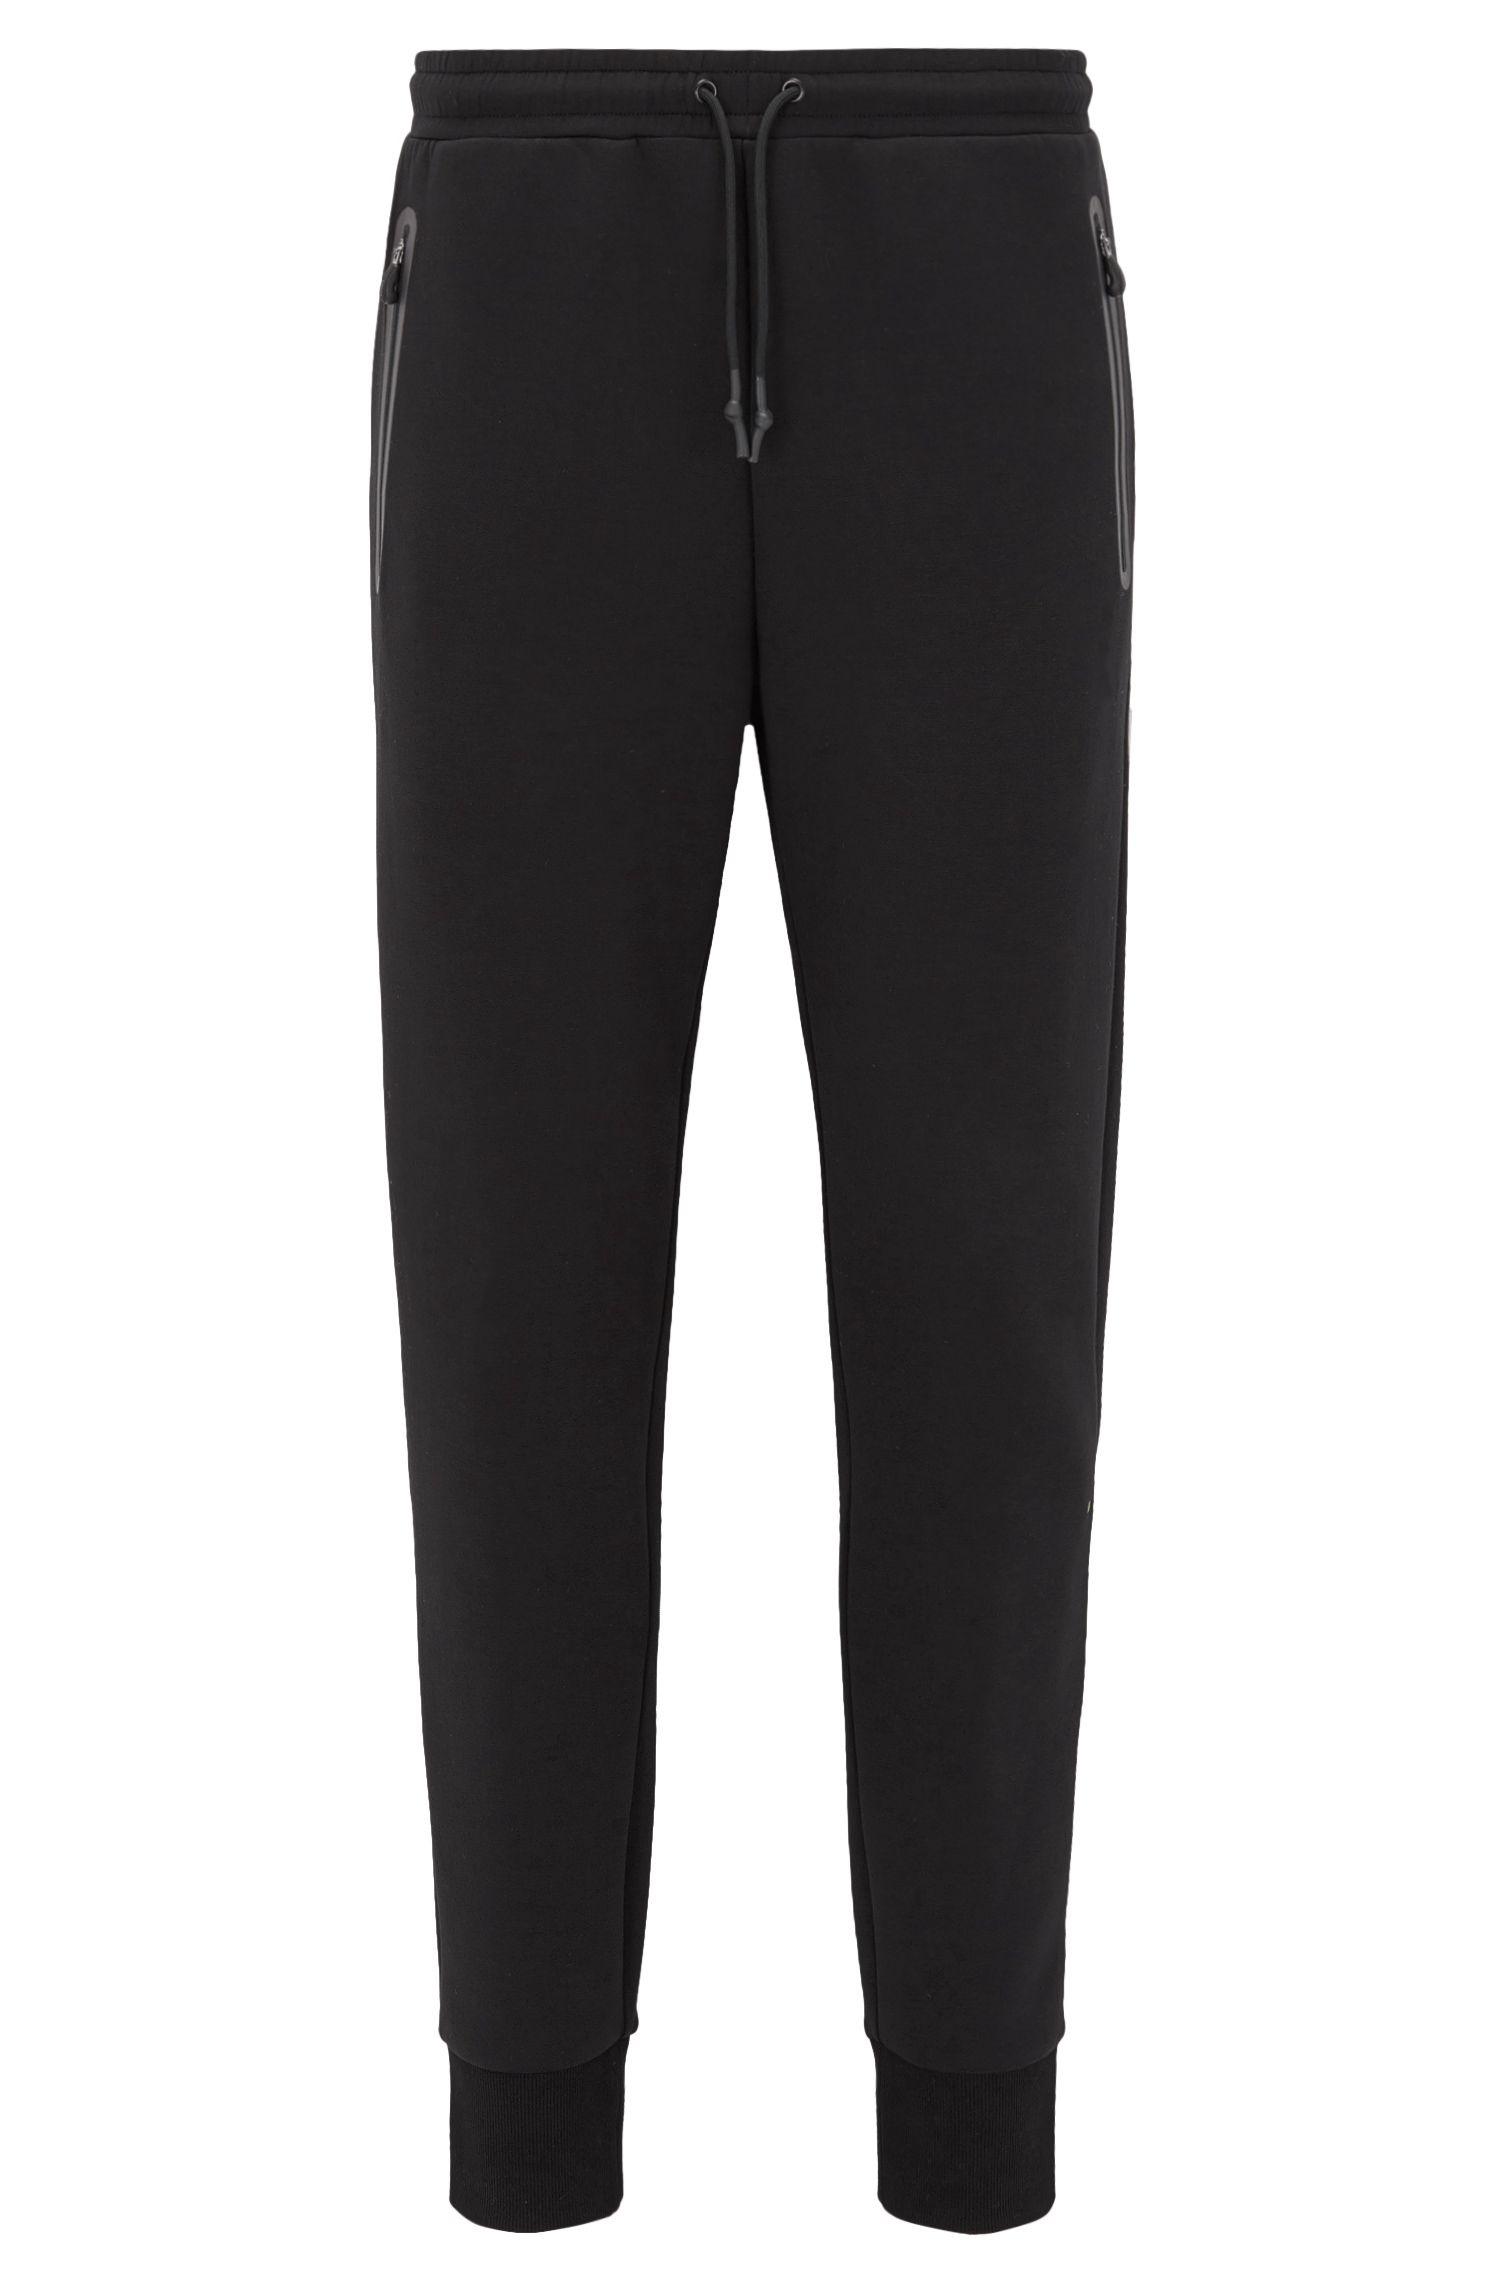 Pantalones de chándal slim fit con puños en mezcla de algodón